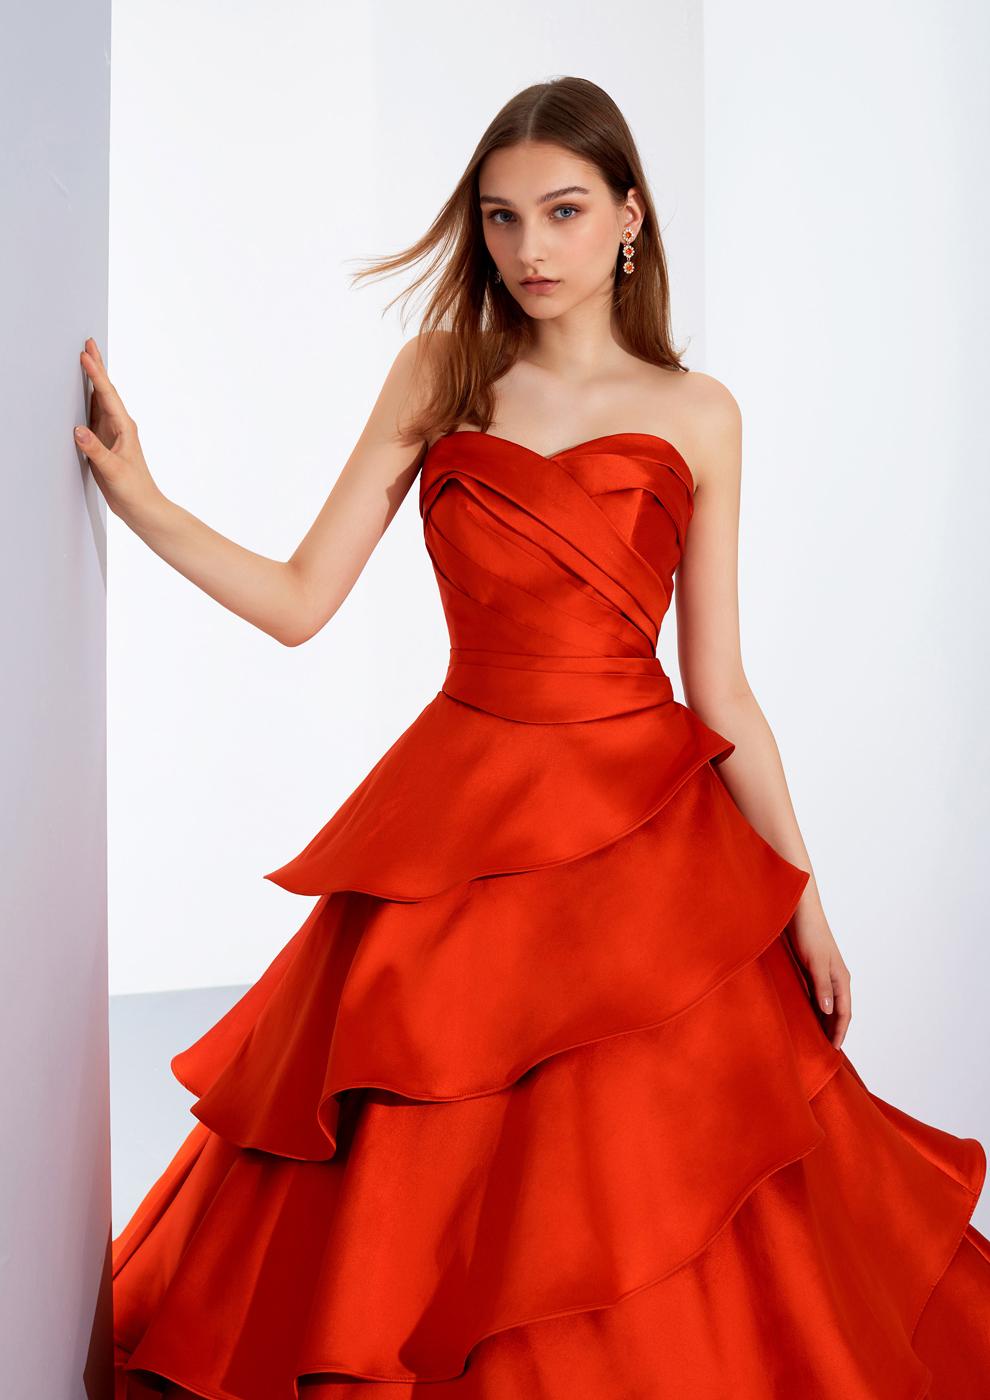 様々なシーンにマルチに対応、見え方が変わるアレンジドレス